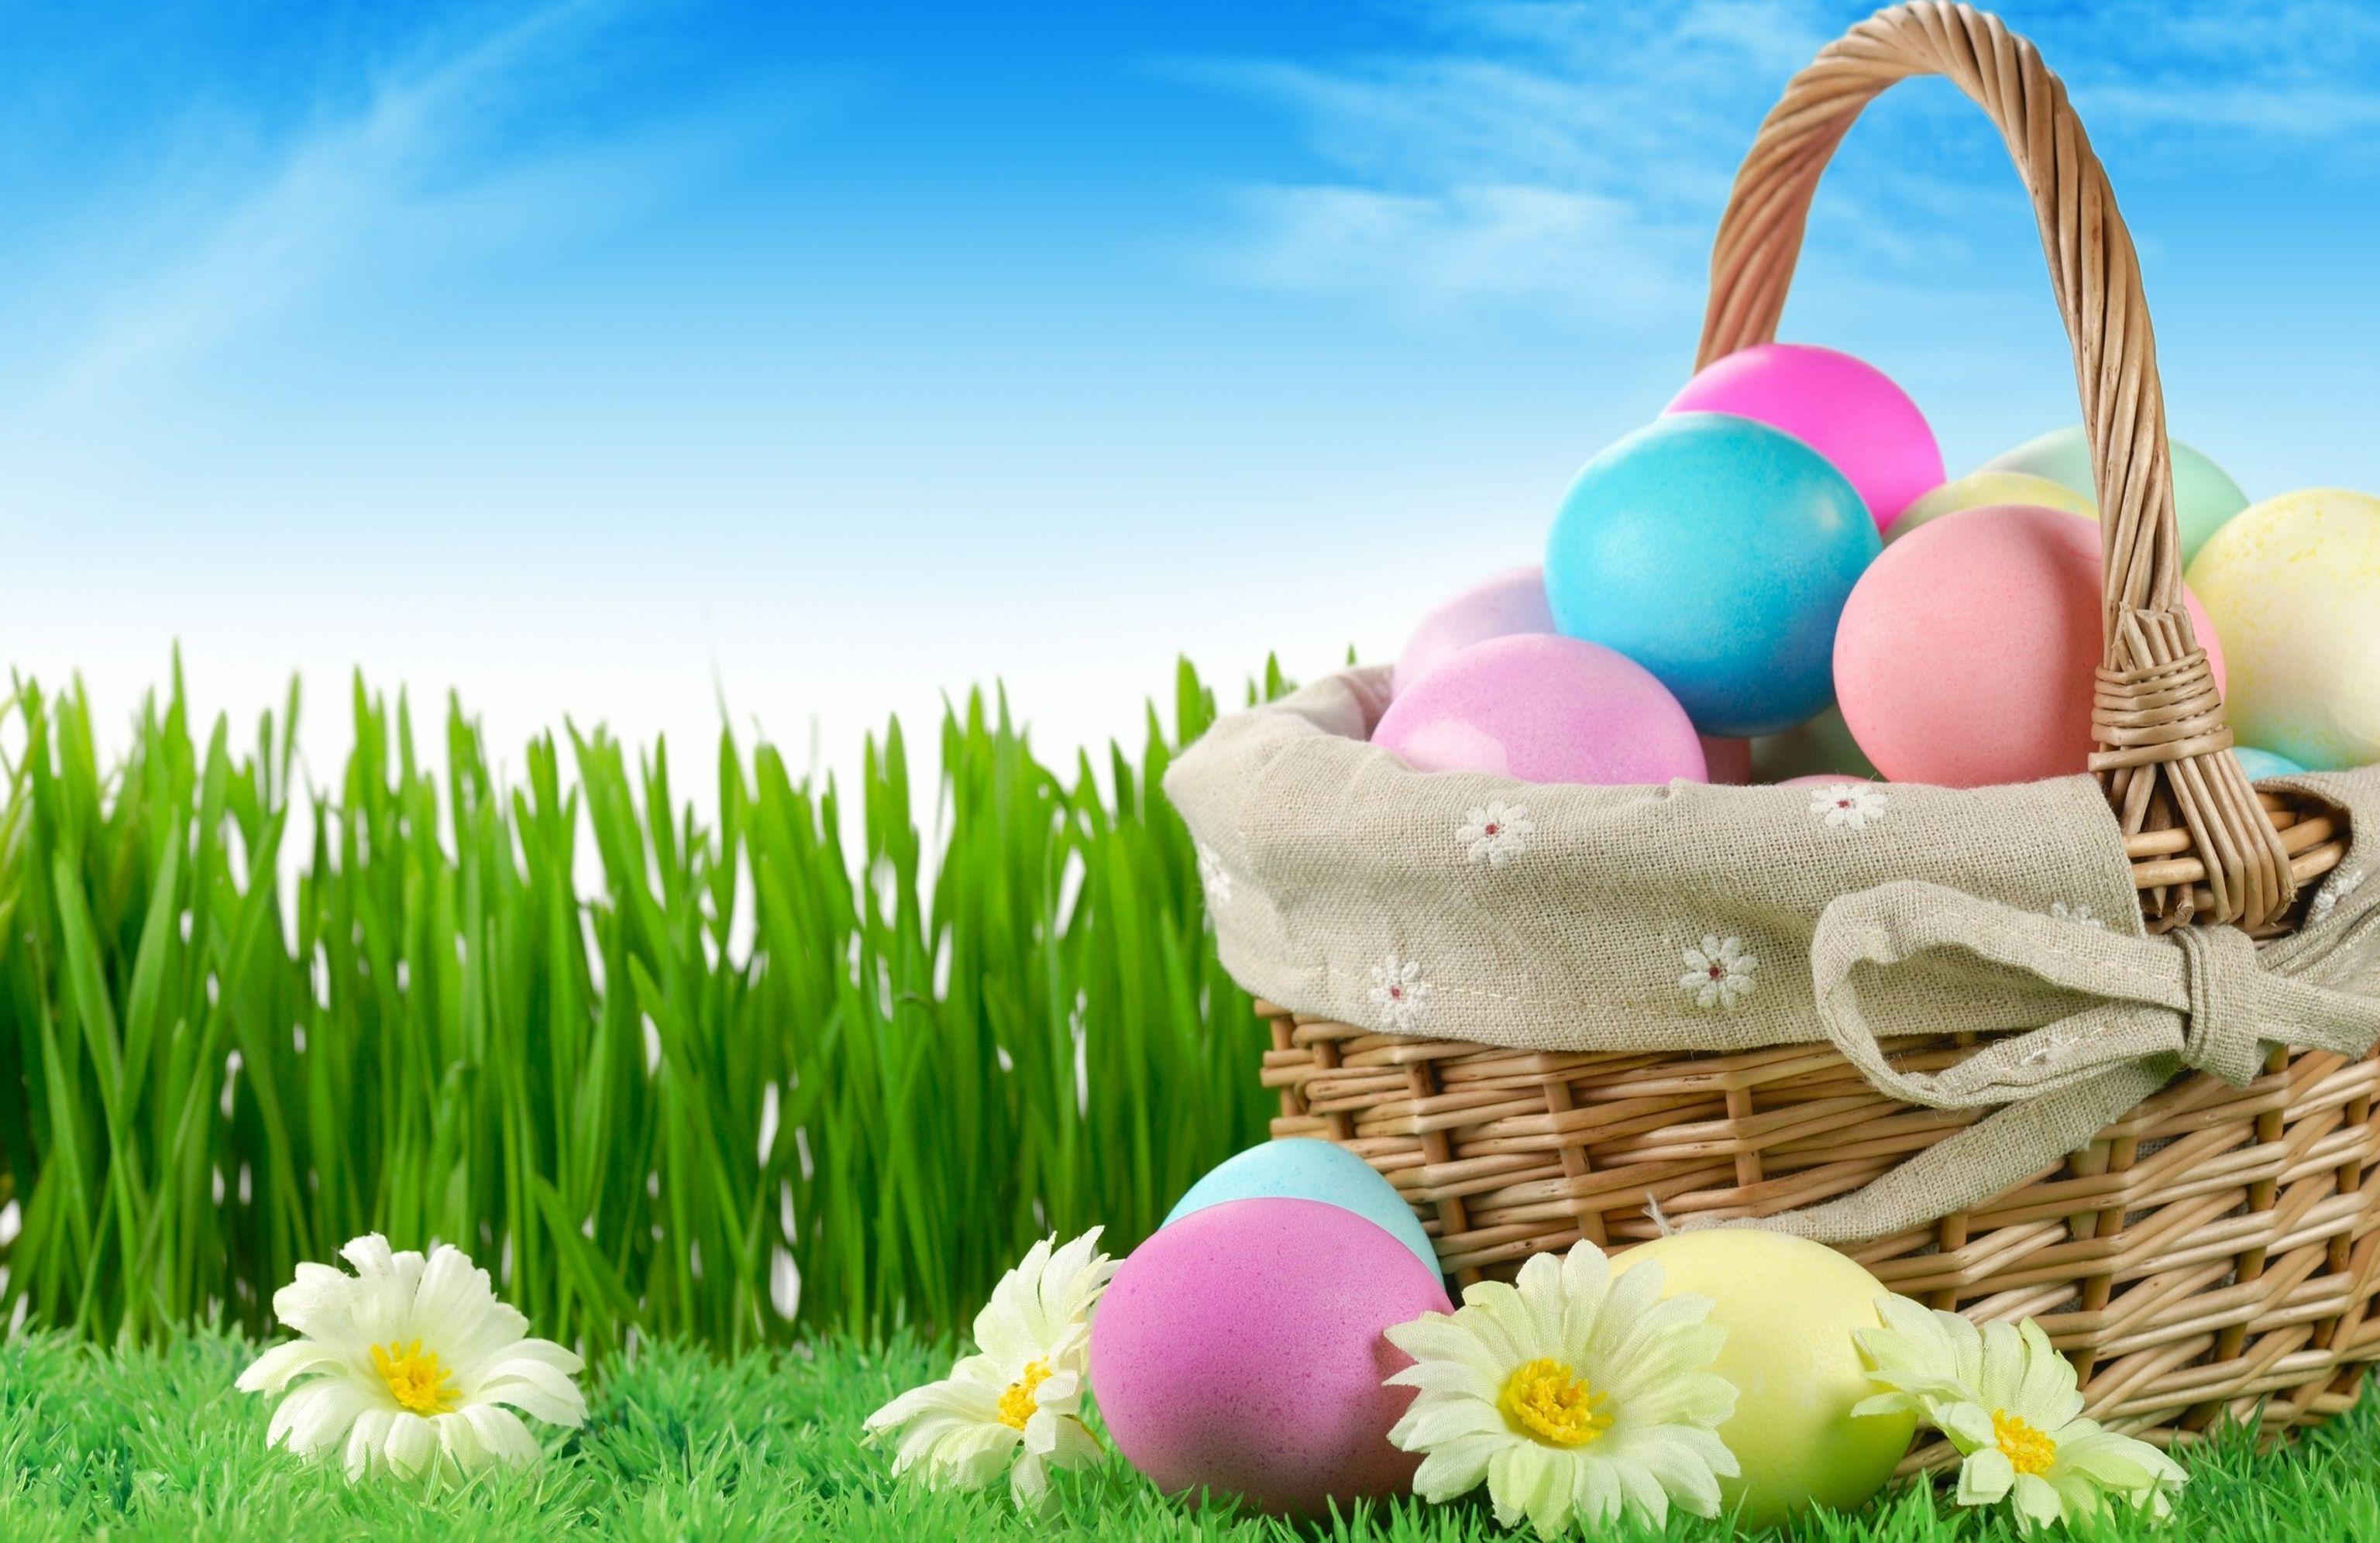 Epingle Par Gitka Gitus Sur Easter Paques Veľka Noc Joyeuses Paques Belle Photo Paques